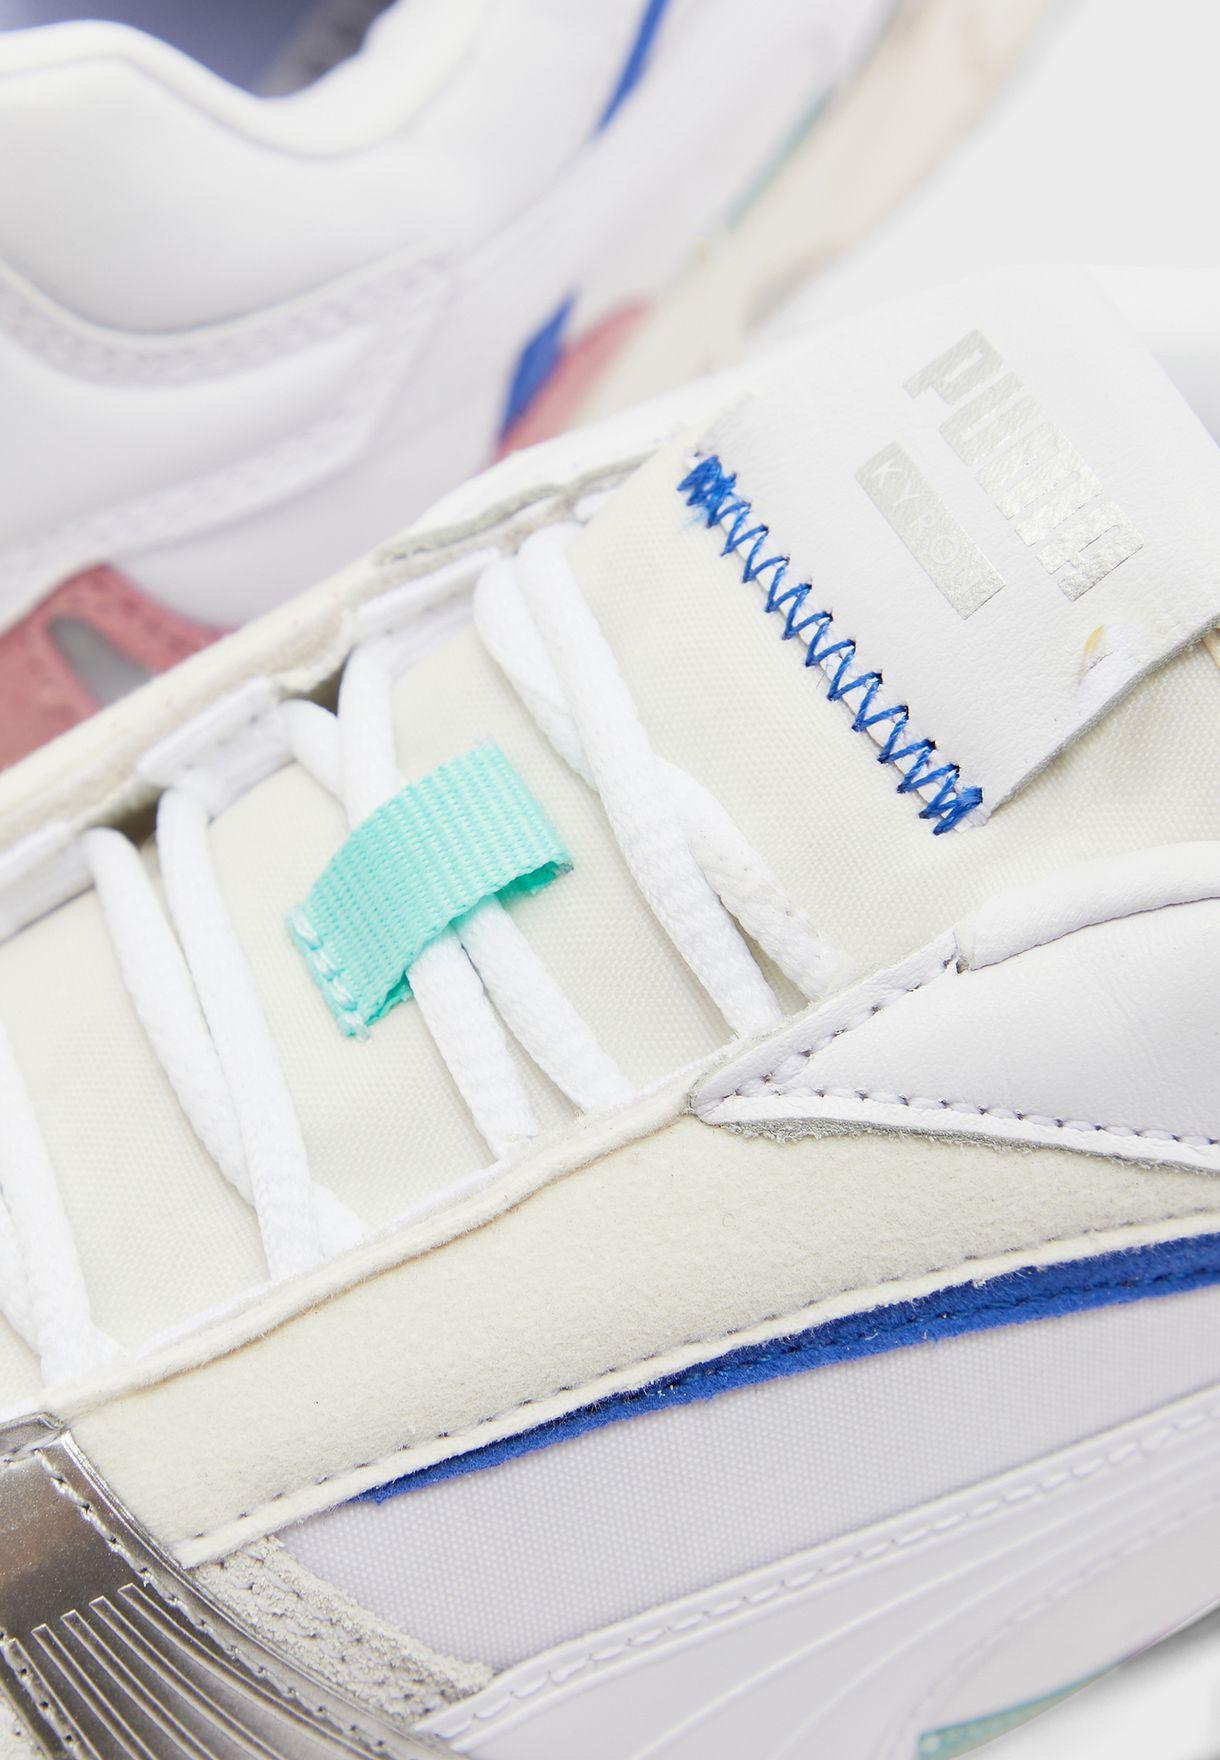 حذاء من مجموعة  كيرون